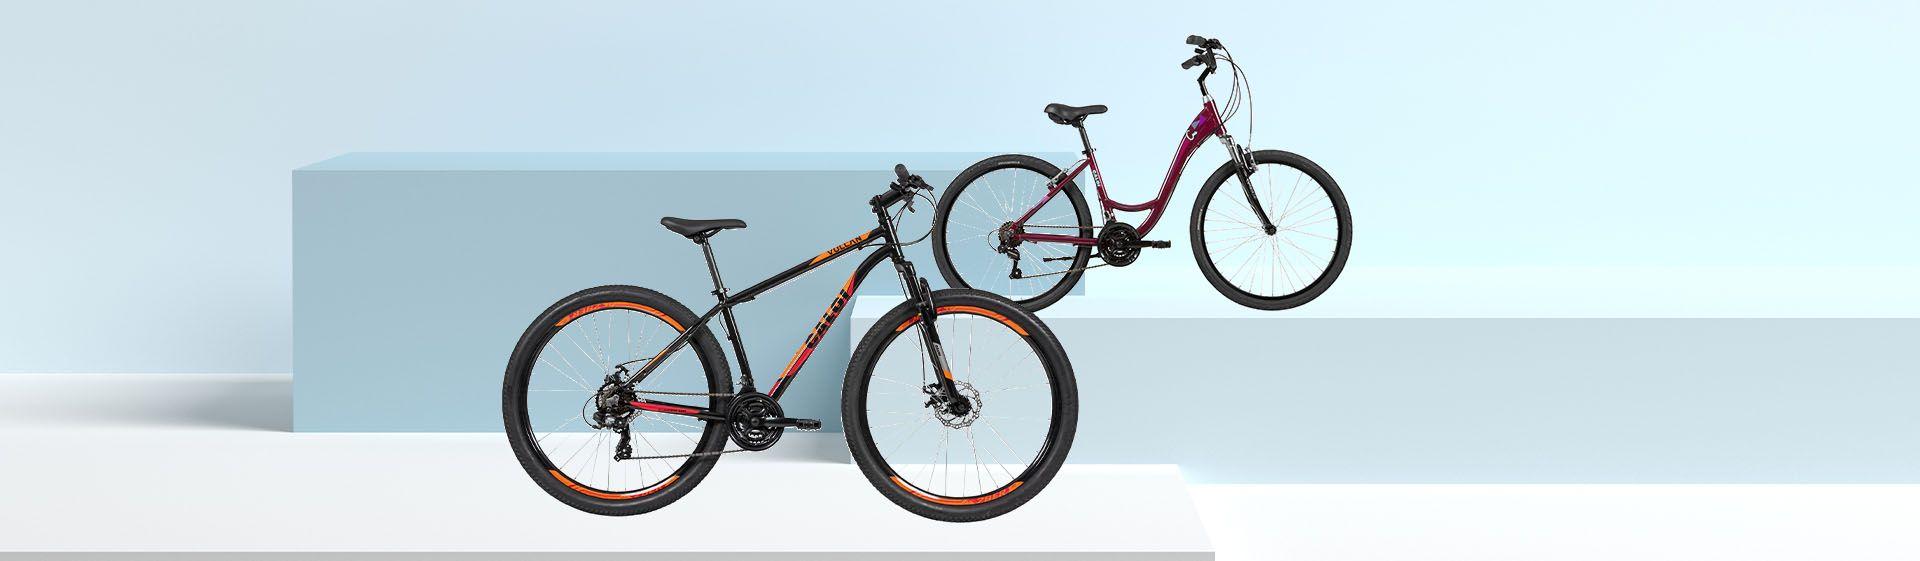 Melhor bicicleta Caloi de 2021: 8 modelos para comprar